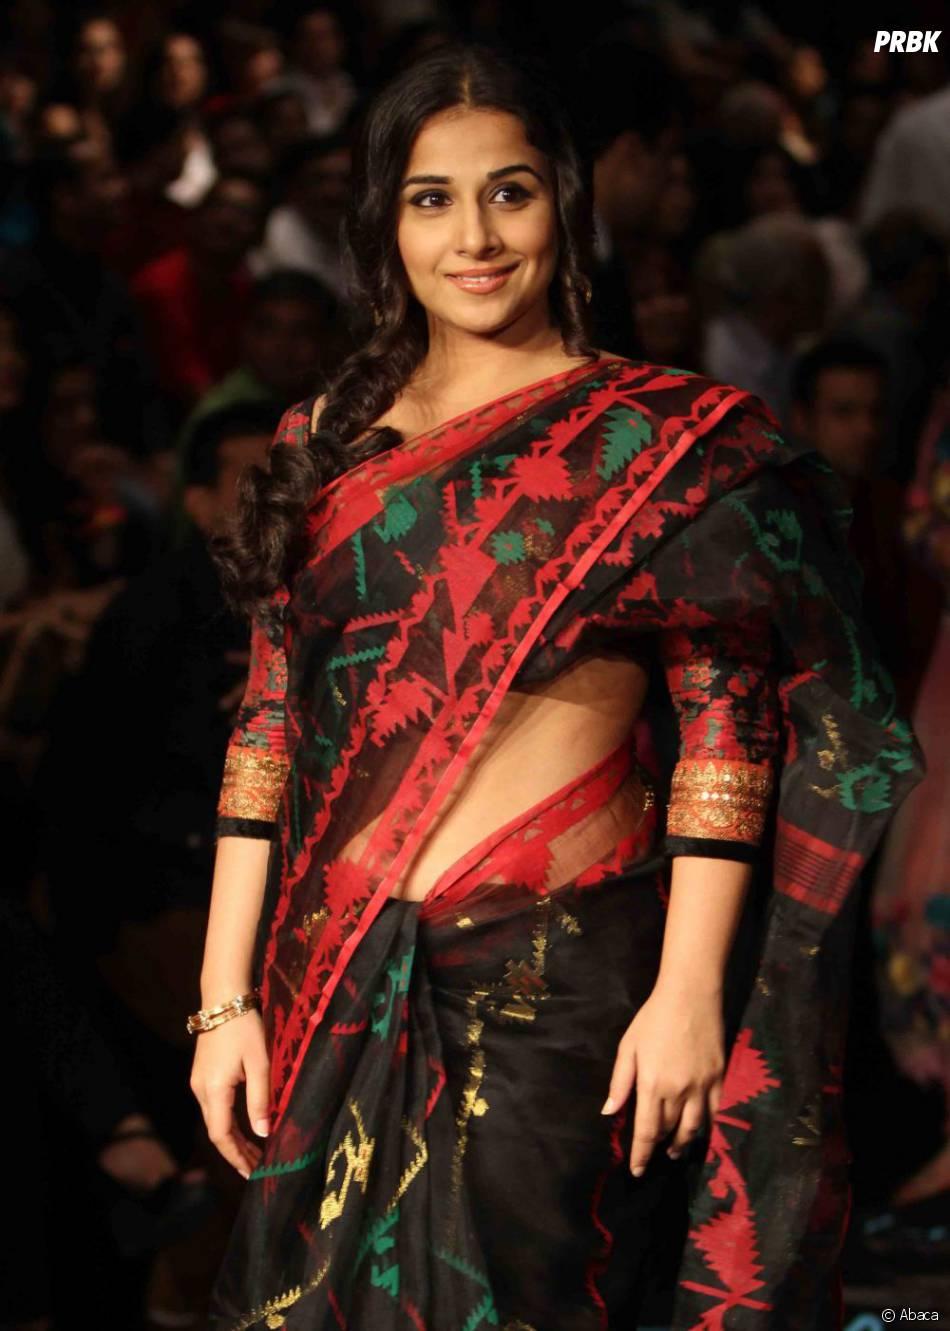 Vidya Balan va juger les films en compétition au Festival de Cannes 2013